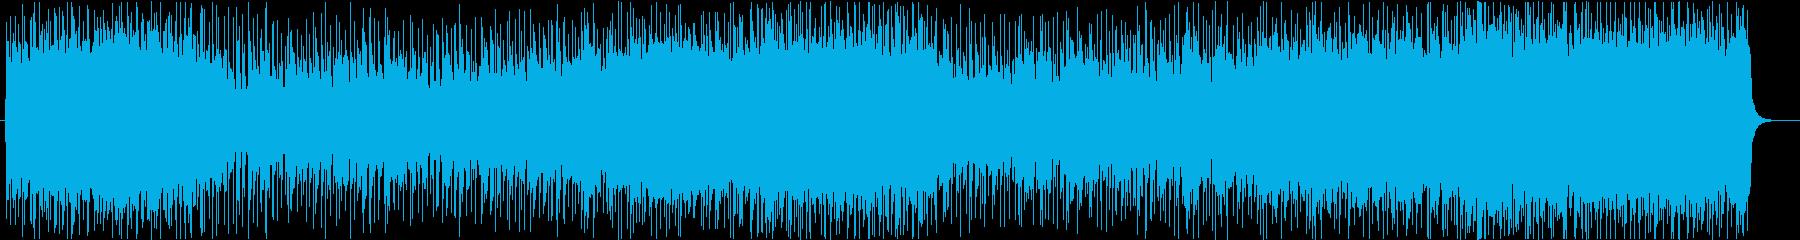 デジタルなメロディとギターリフの情熱の再生済みの波形